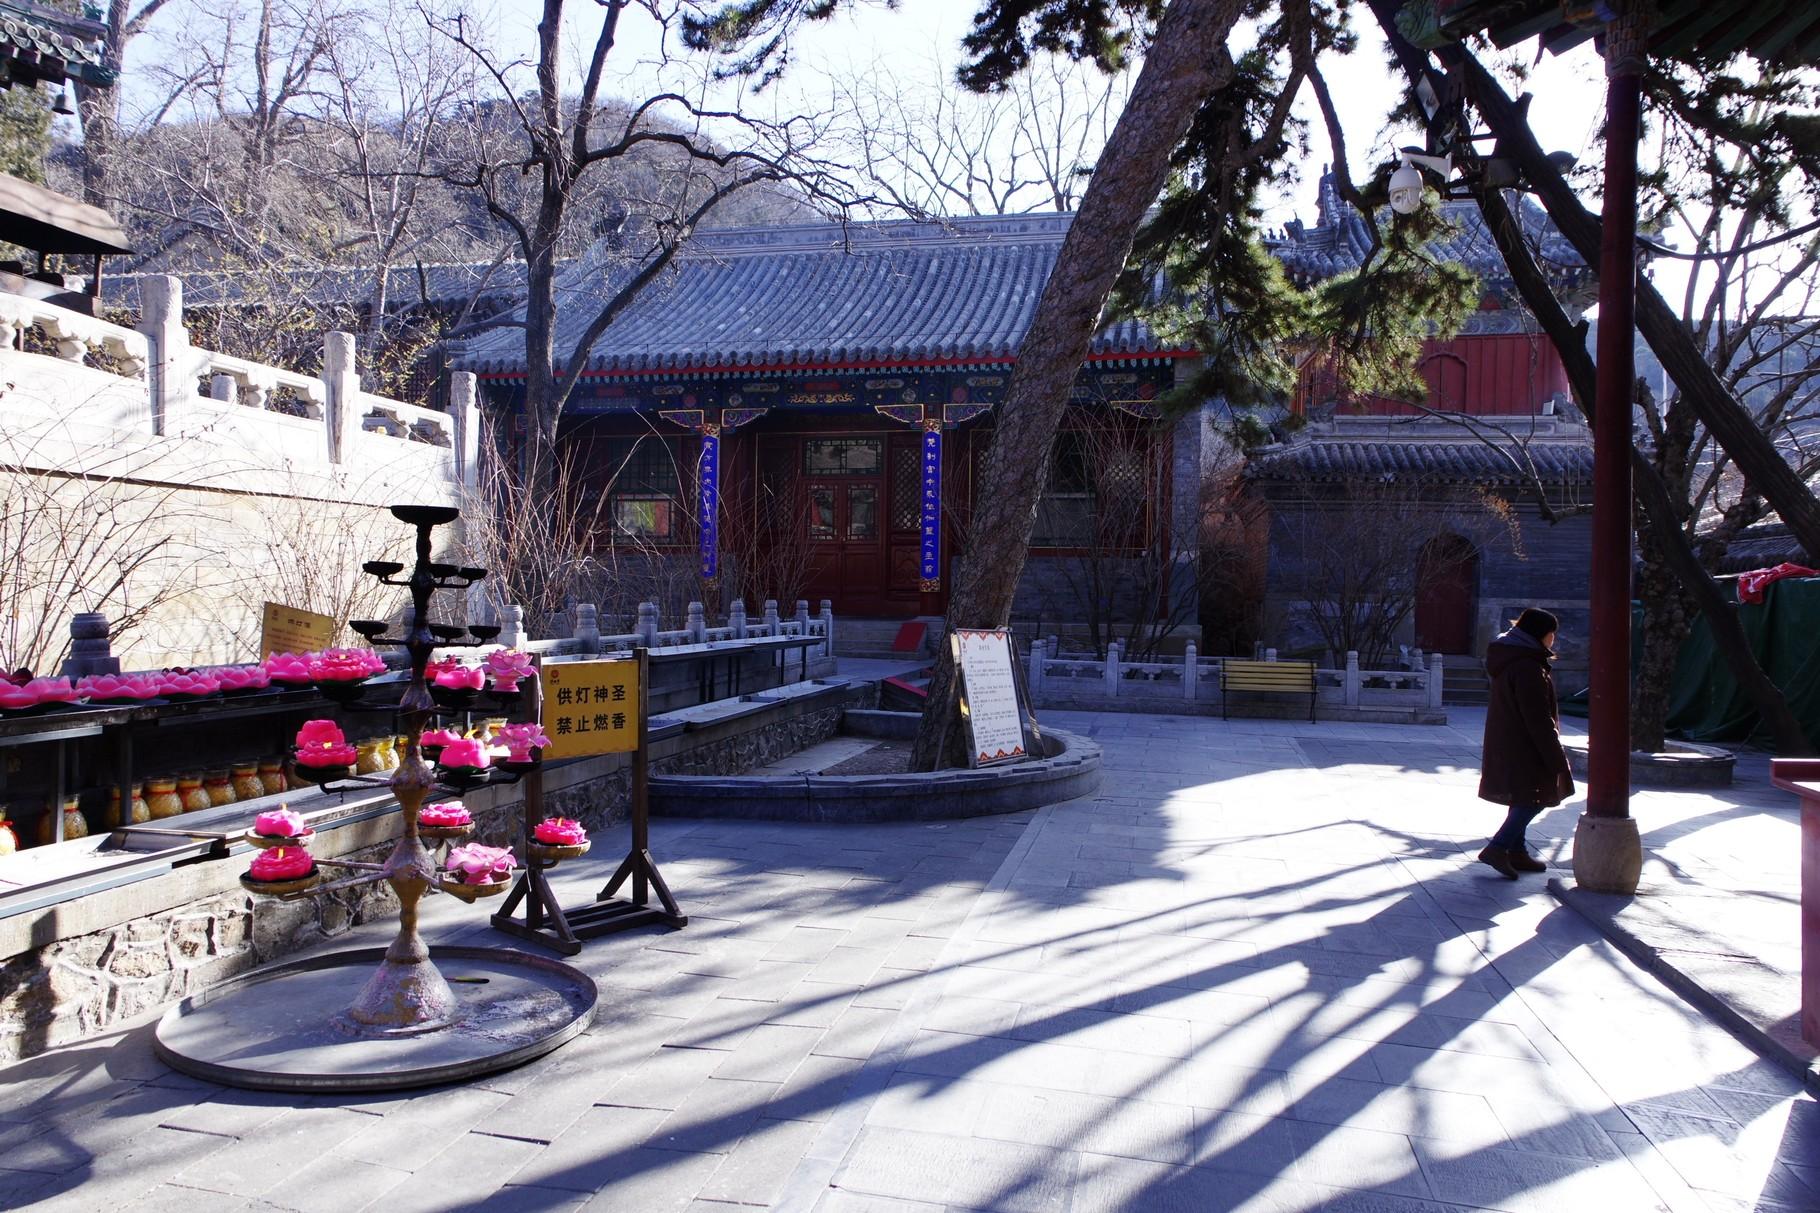 大雄宝殿前の中庭を囲む建築群と古樹